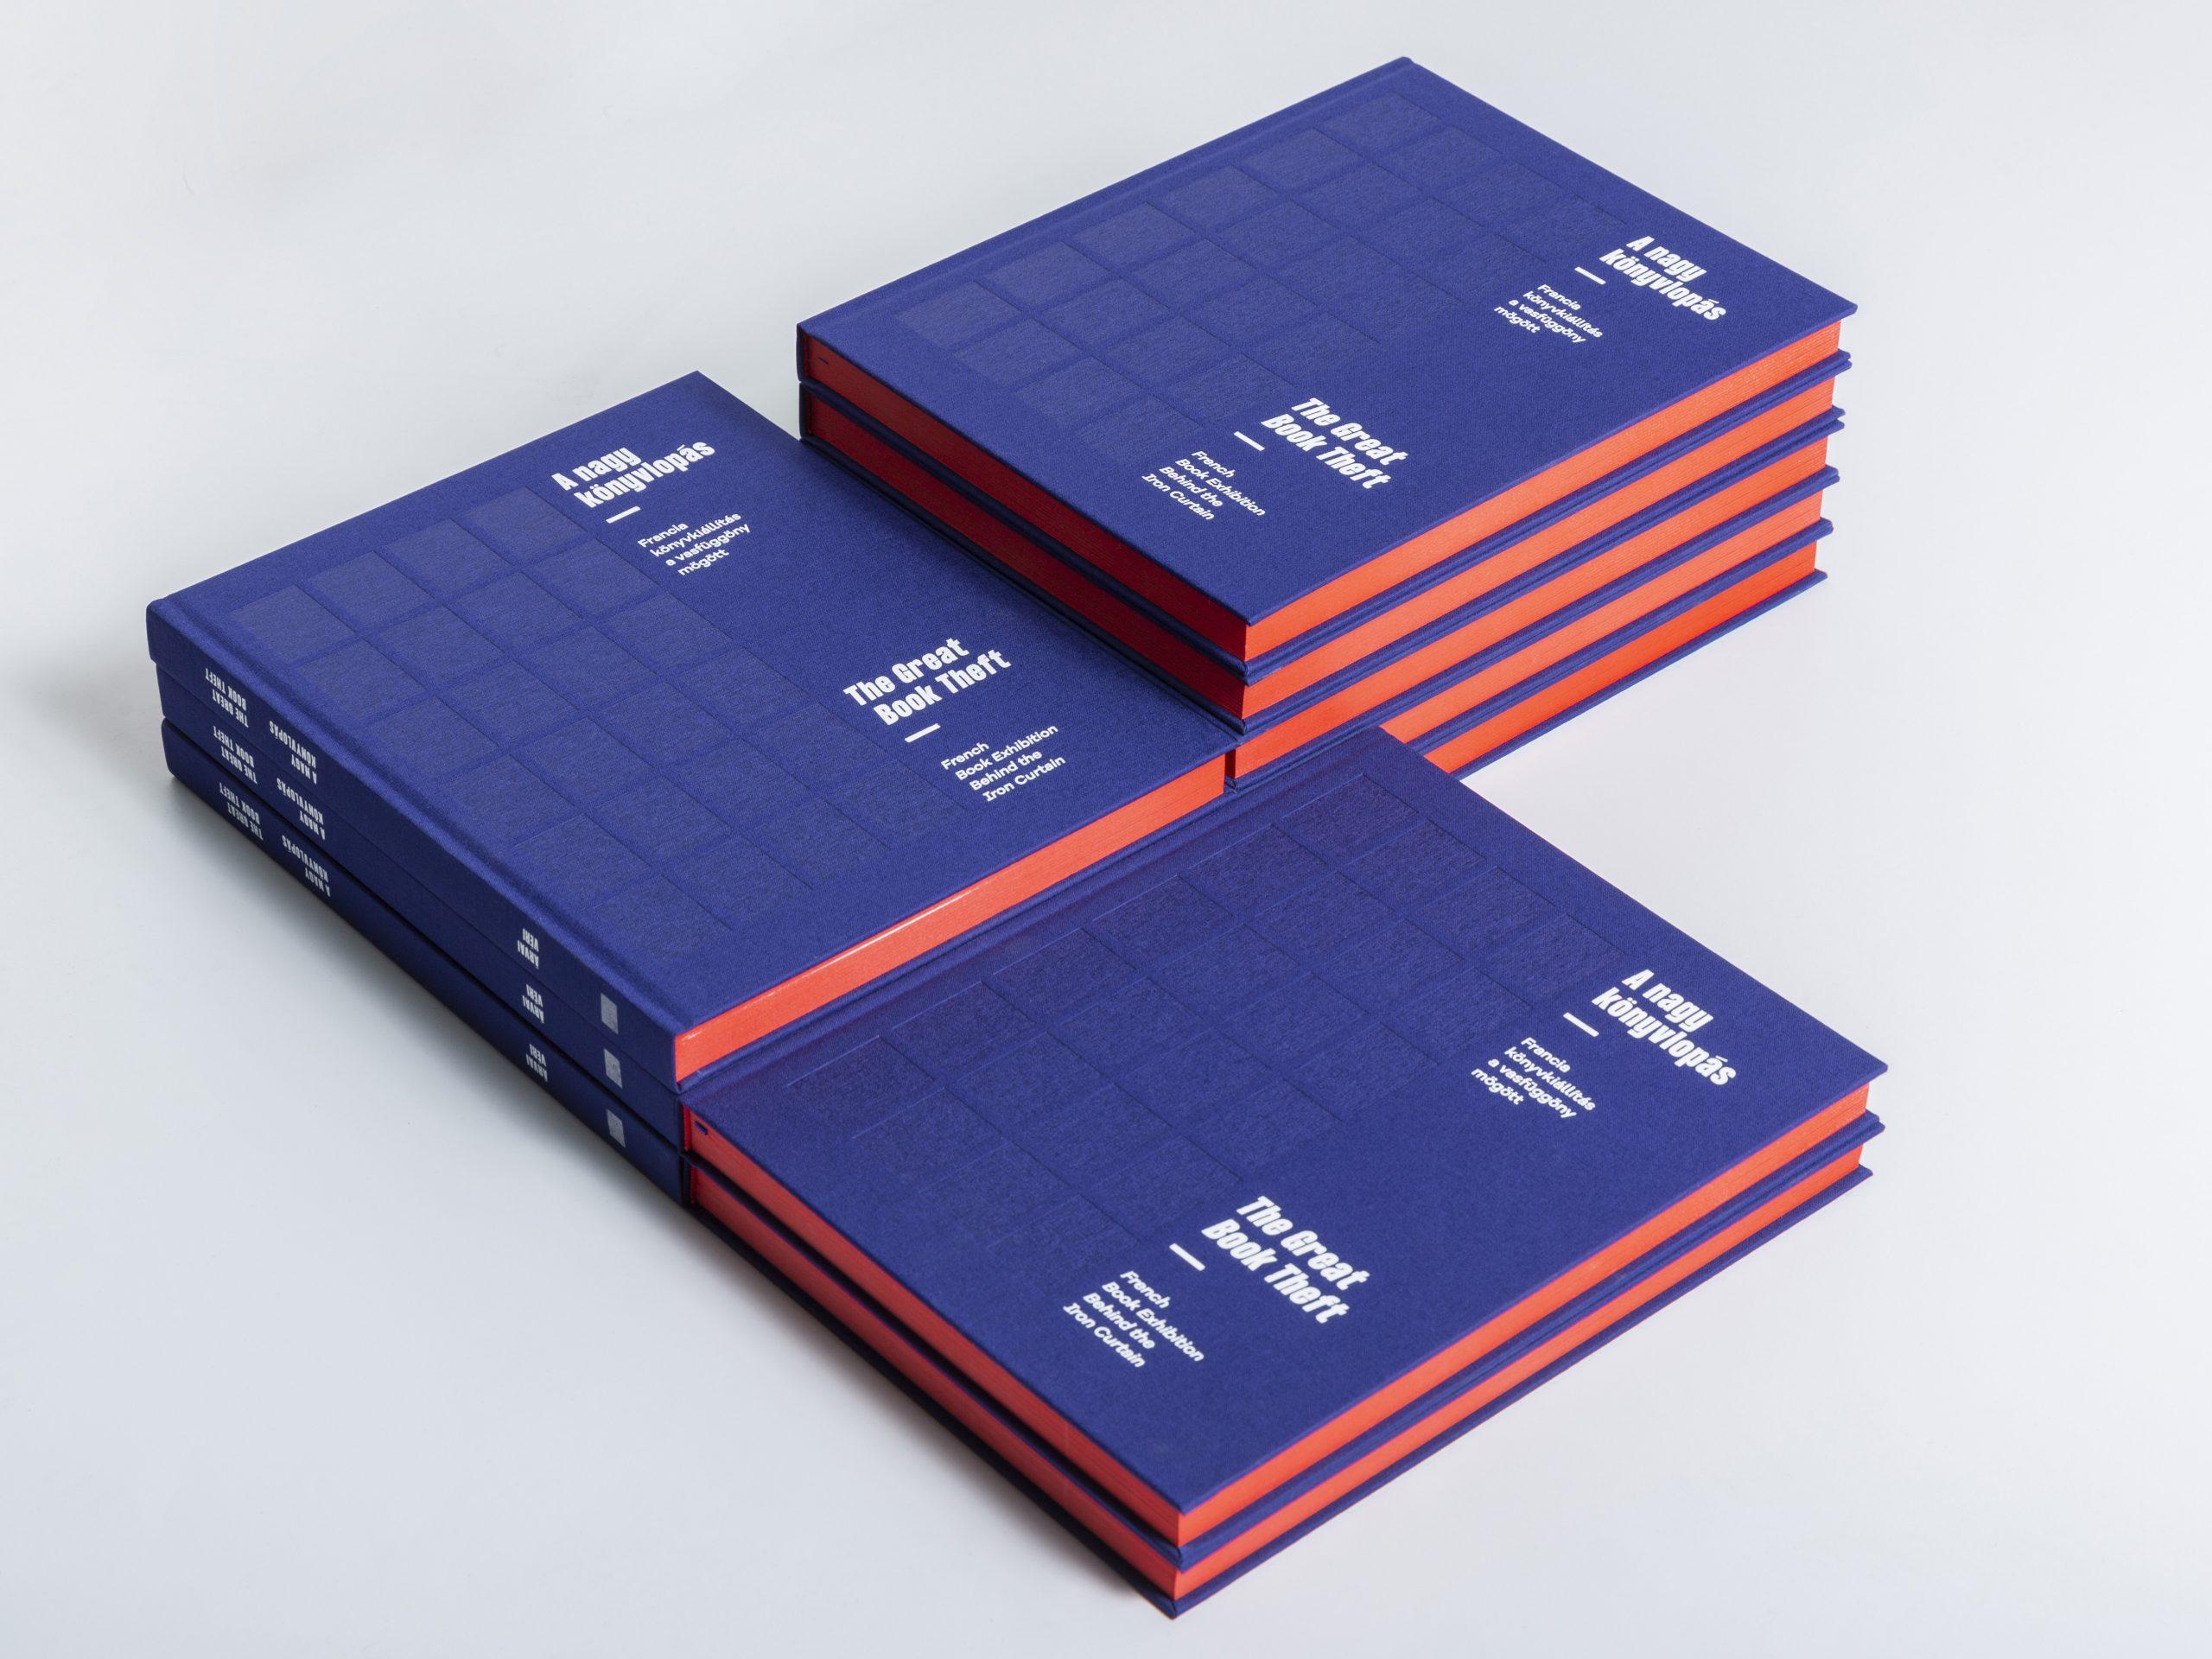 A nagy könyvlopás. Francia könyvkiállítás a vasfüggöny mögött | díj és könyvbemutató